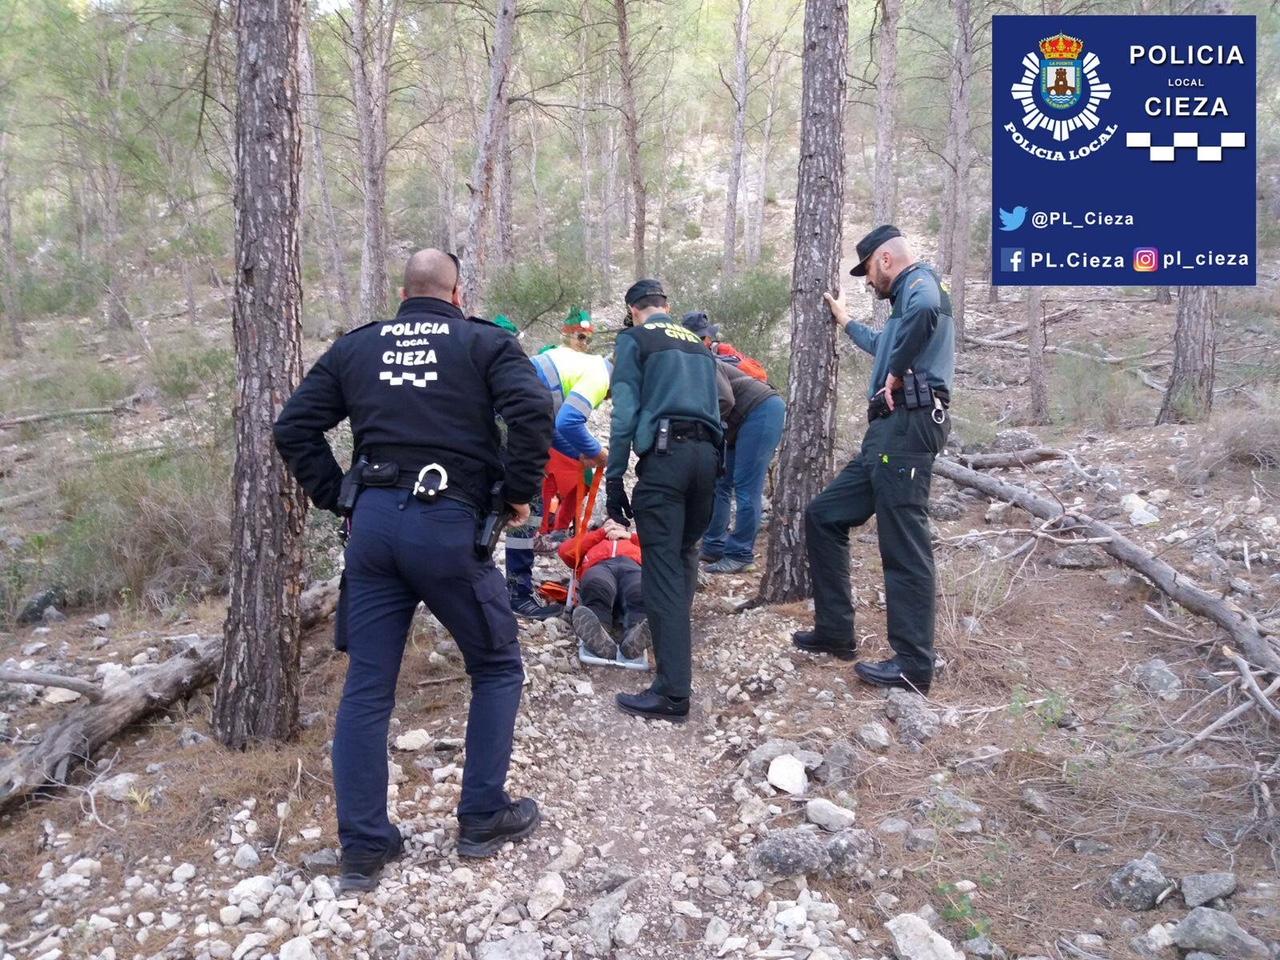 policia-detiene-ladron-robaba-pedradas-rescata-senderista-atalaya